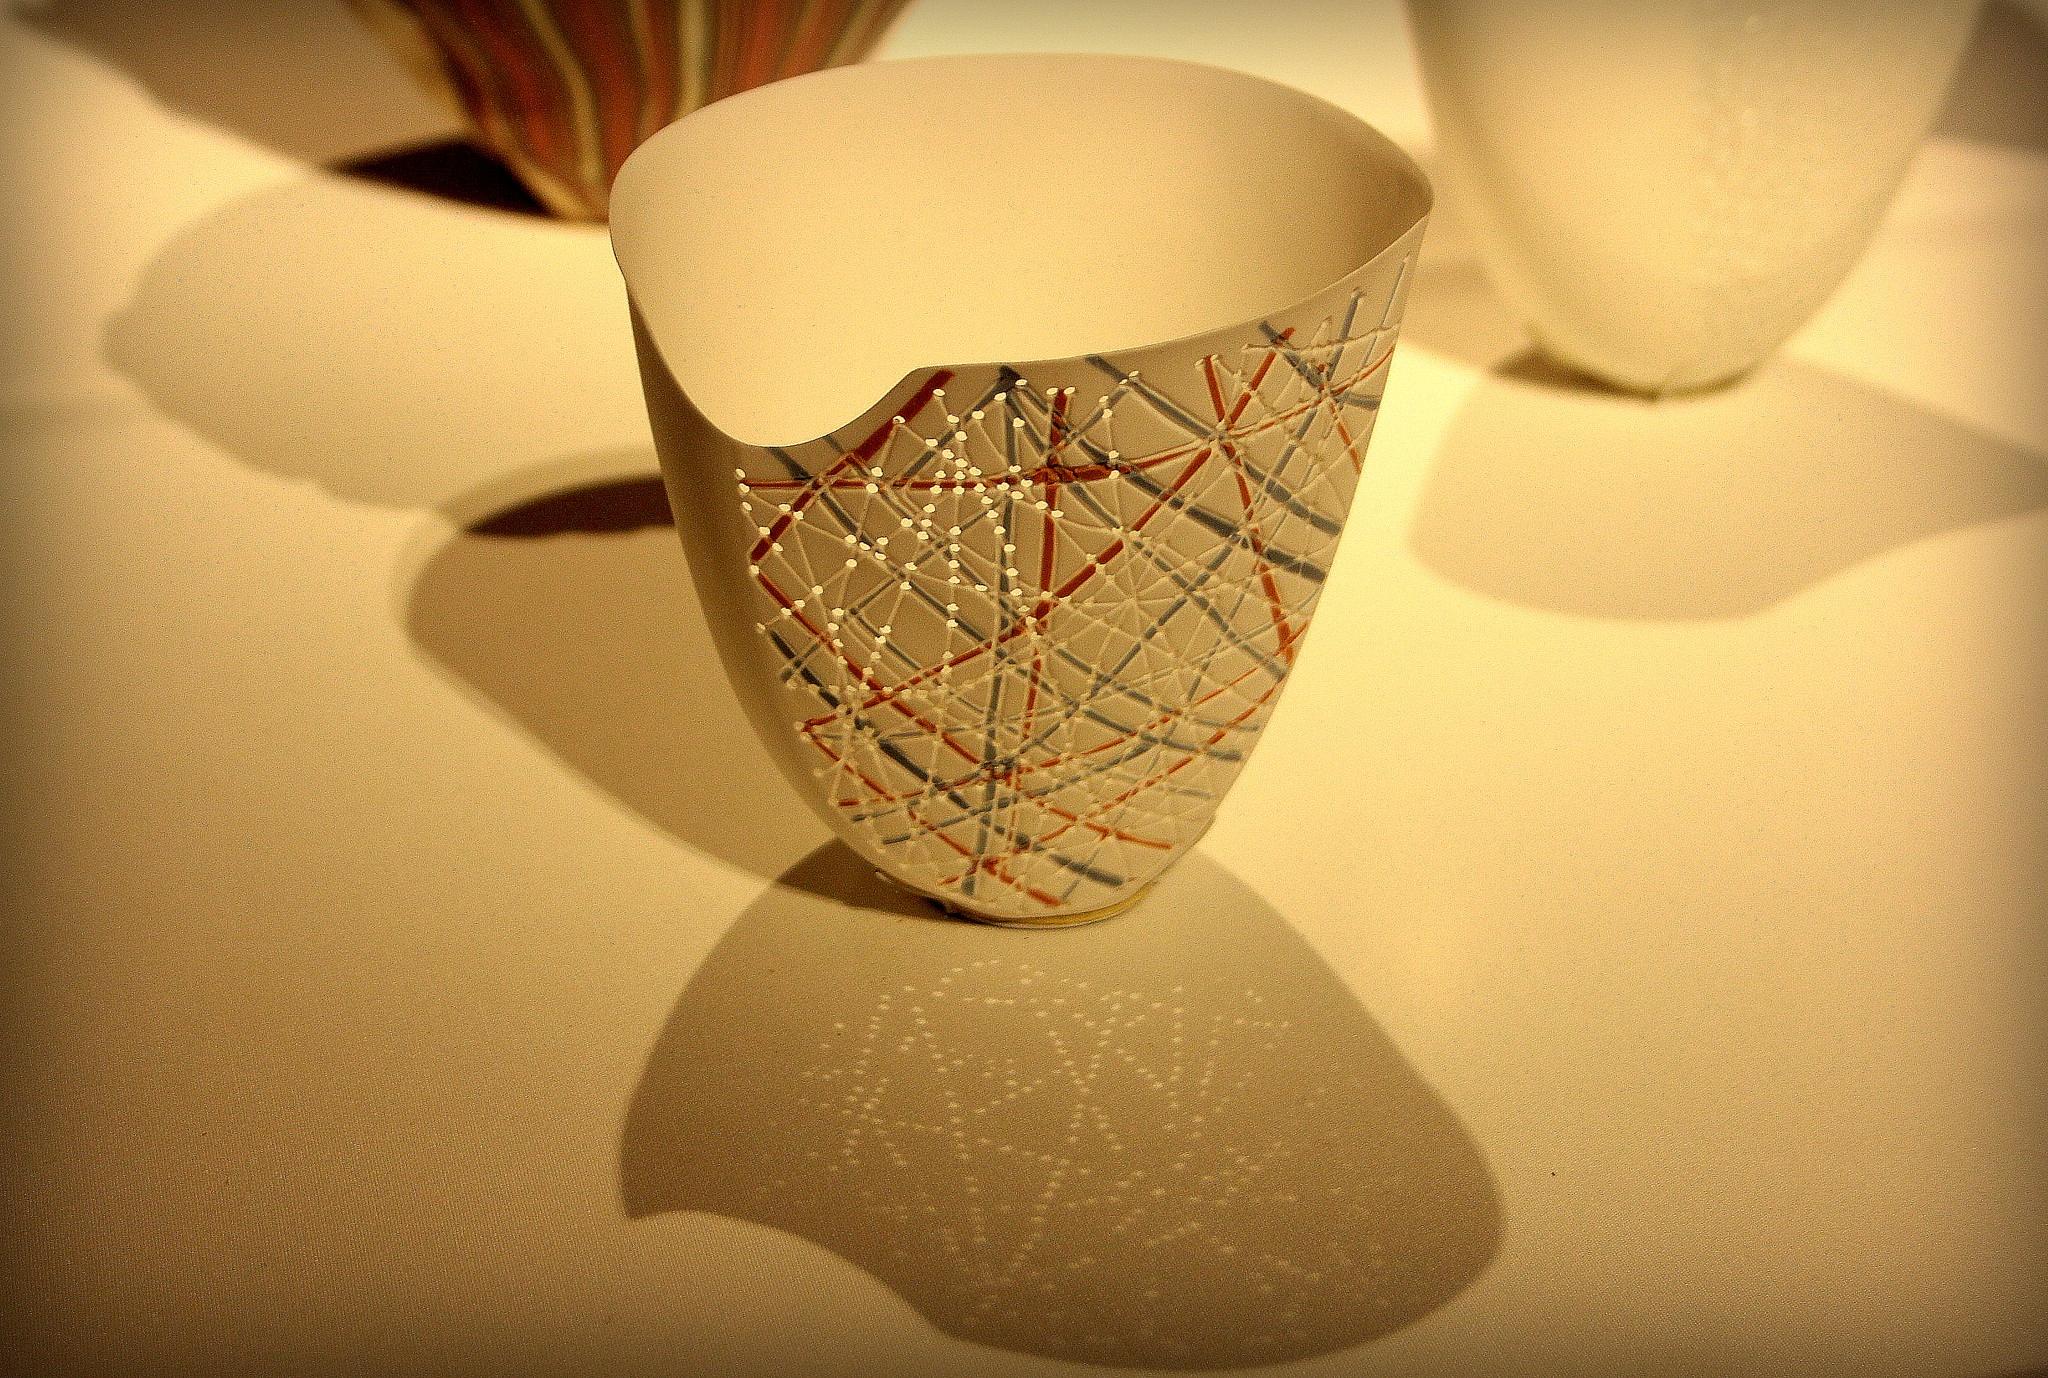 cup ... I do not know to what? by Adam Wyciszkiewicz